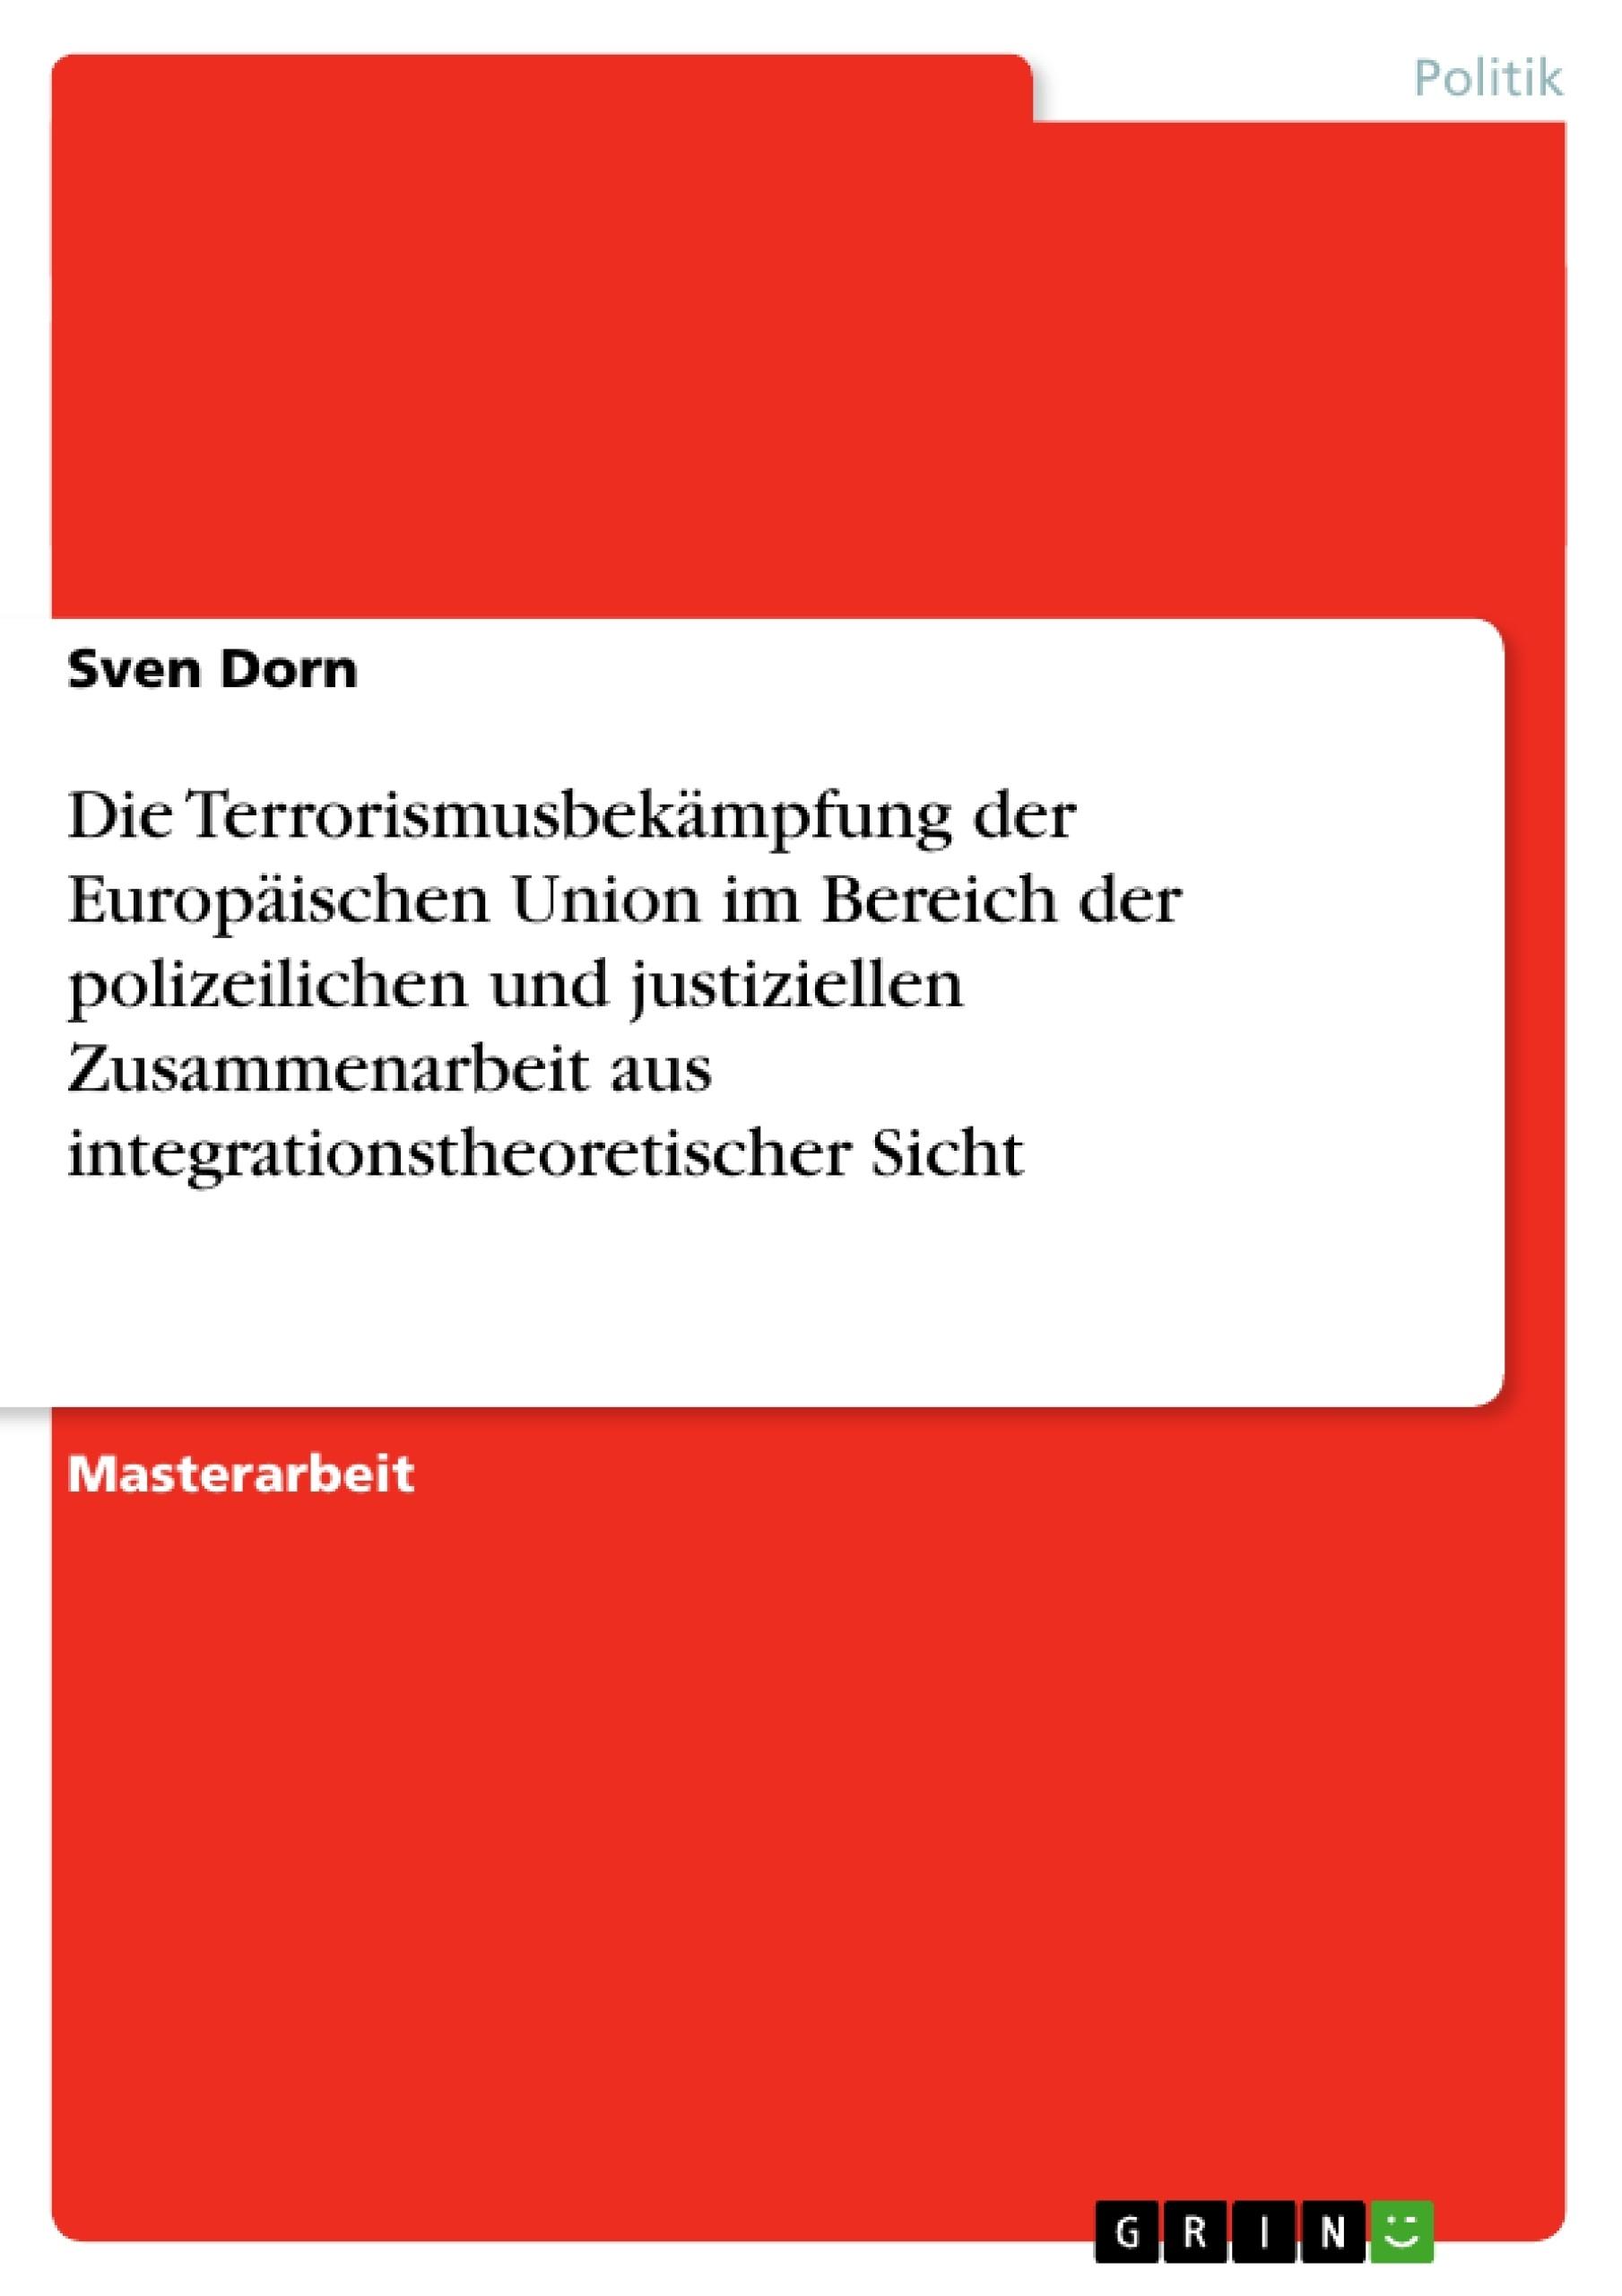 Titel: Die Terrorismusbekämpfung der Europäischen Union im Bereich der polizeilichen und justiziellen Zusammenarbeit aus integrationstheoretischer Sicht